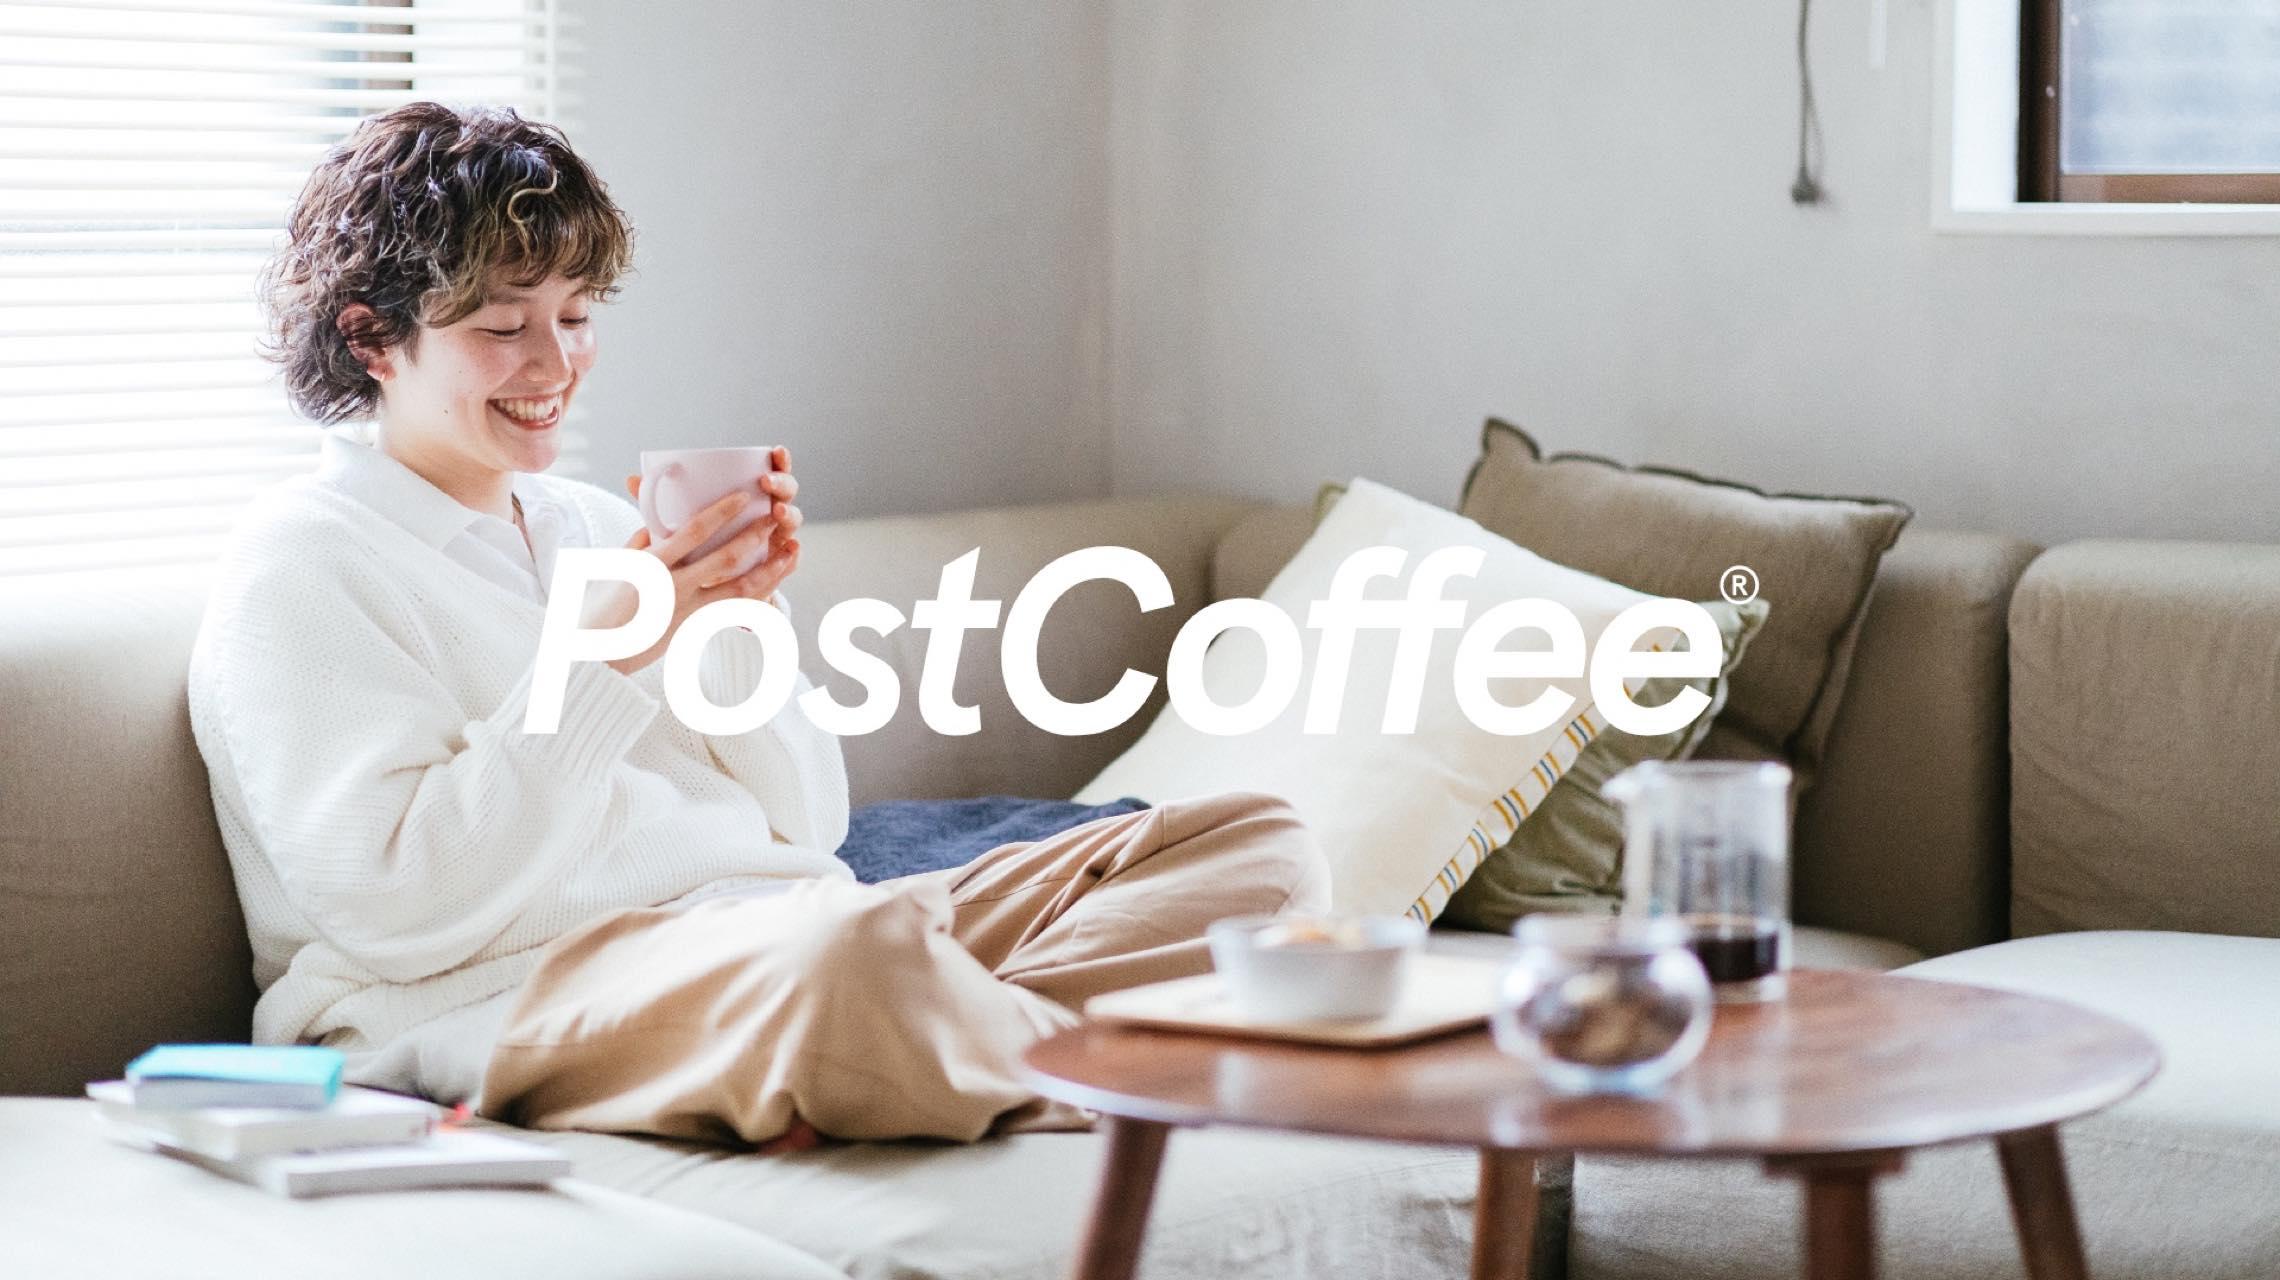 コーヒーの定期便「PostCoffee」がアップデート。世界中のコーヒーから自分好みの一品と出会う